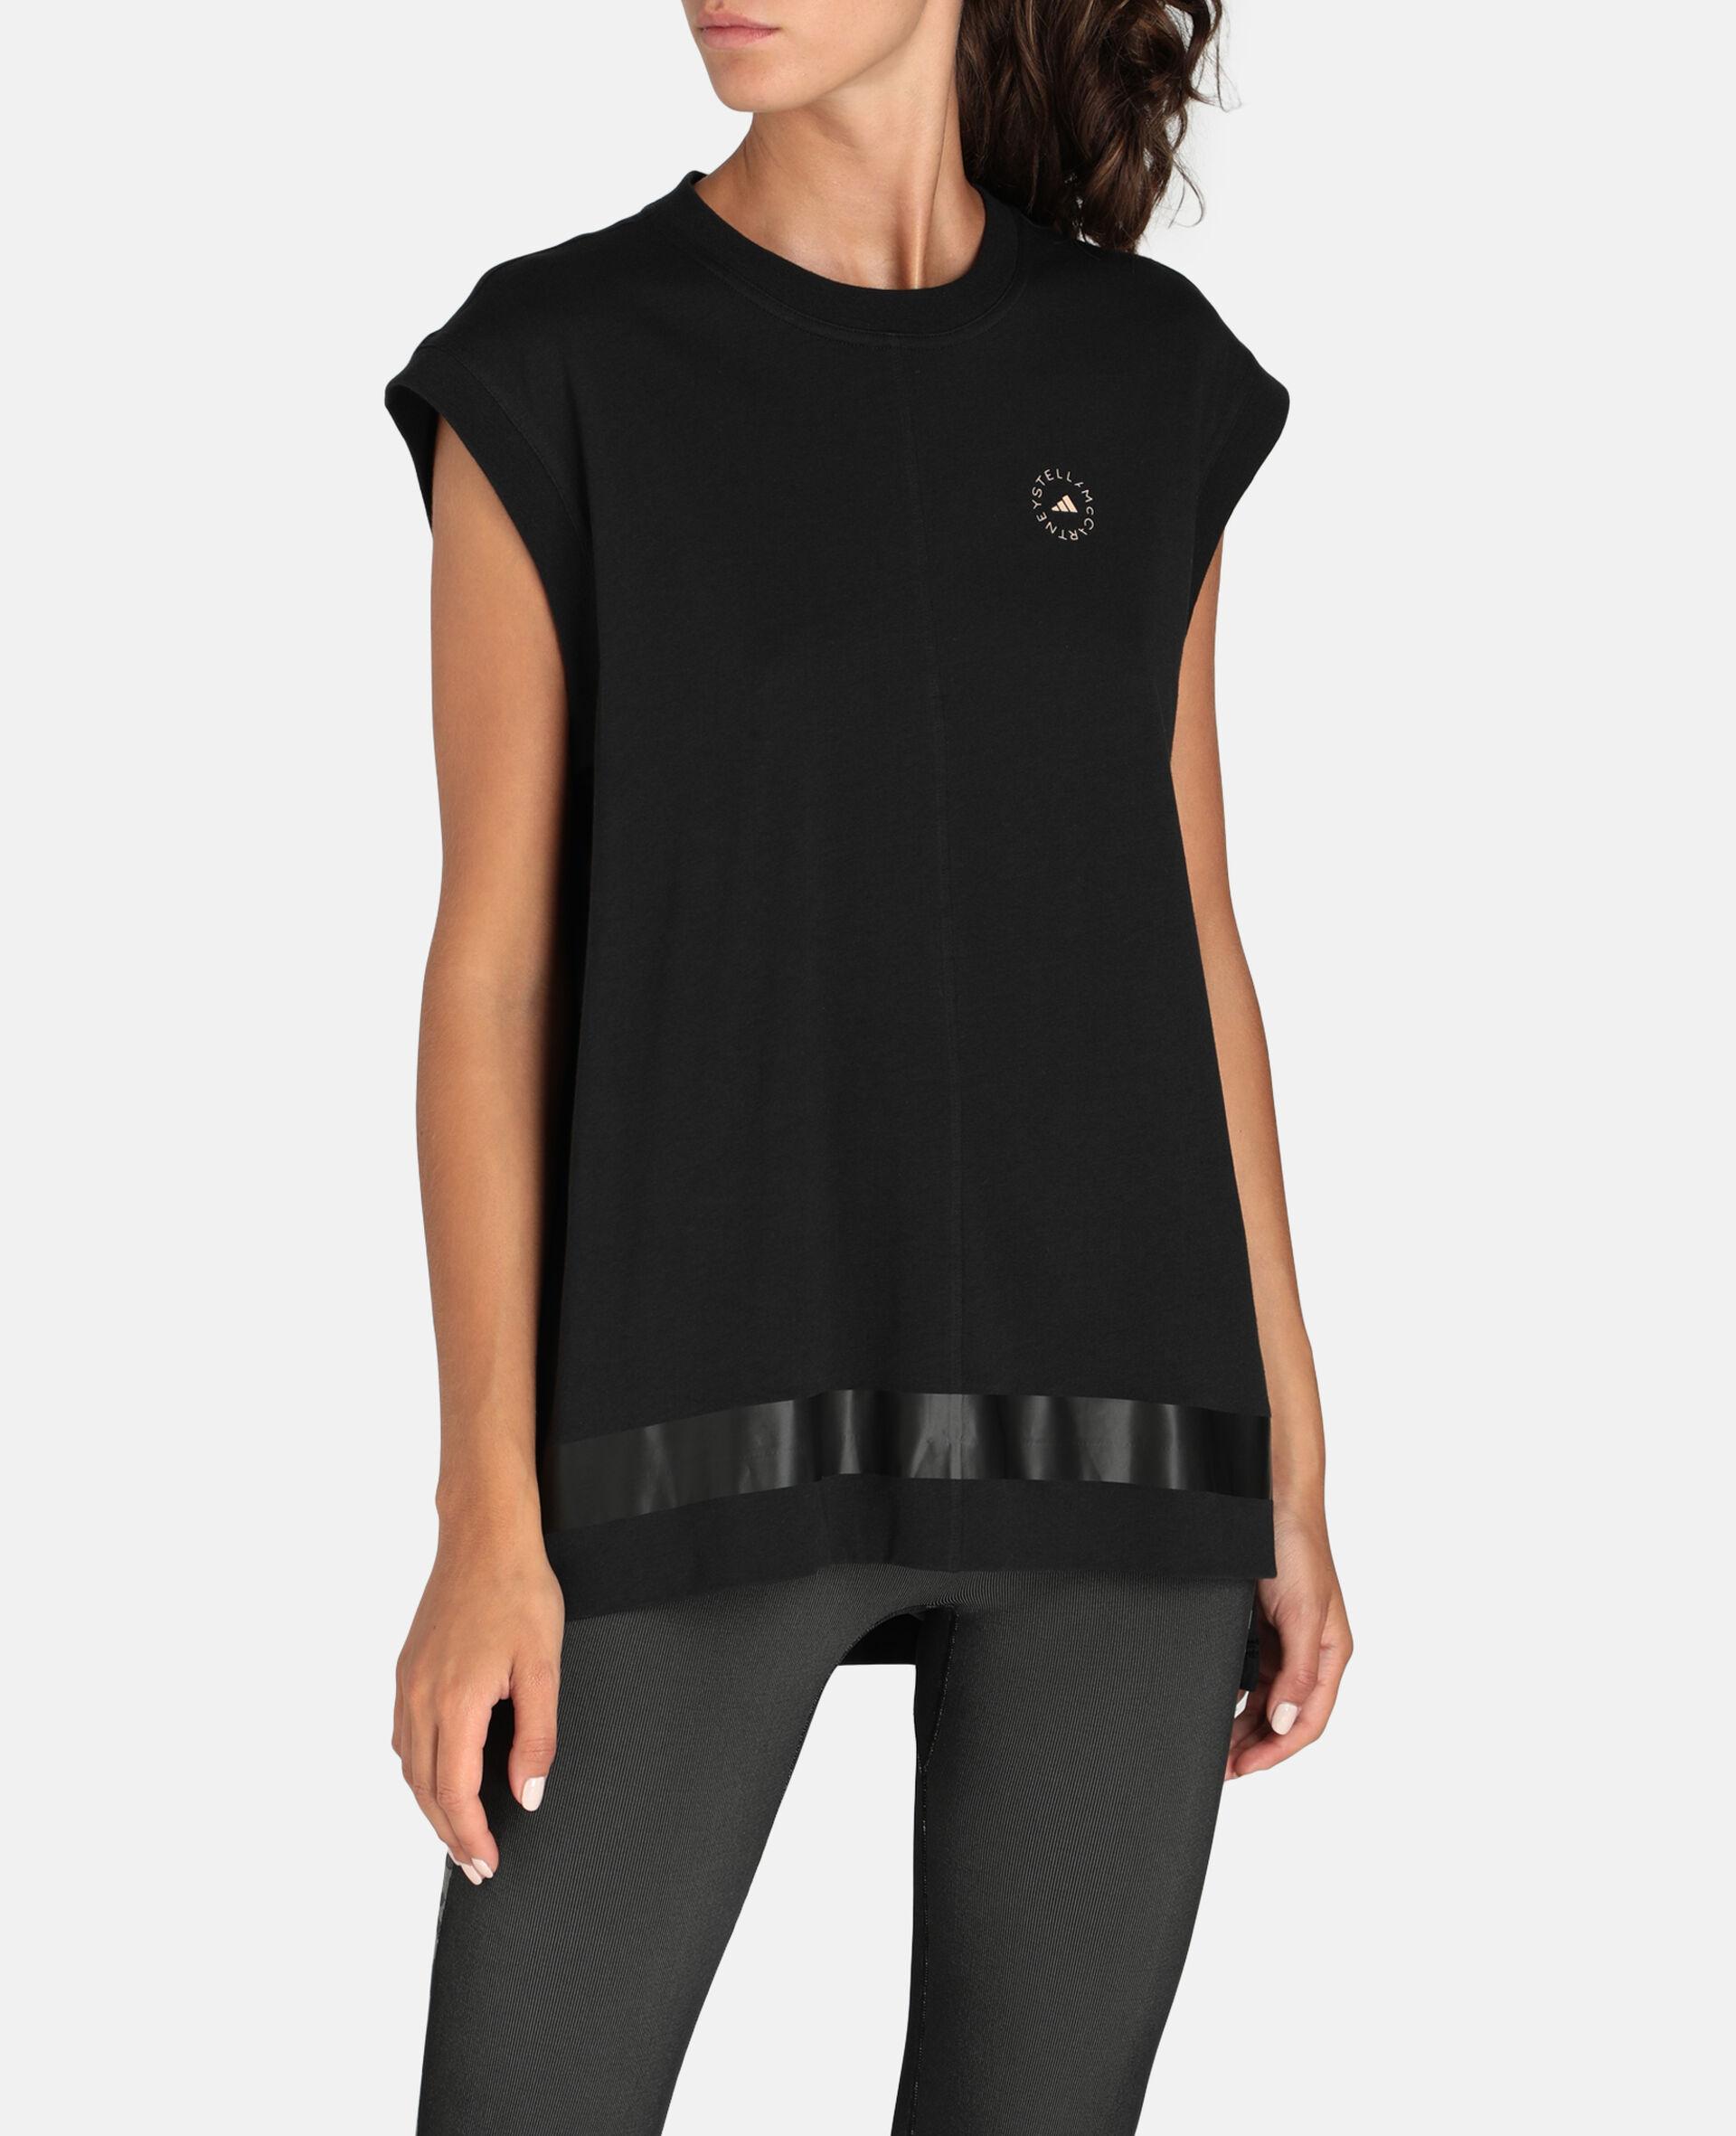 Black Training Vest-Black-large image number 4